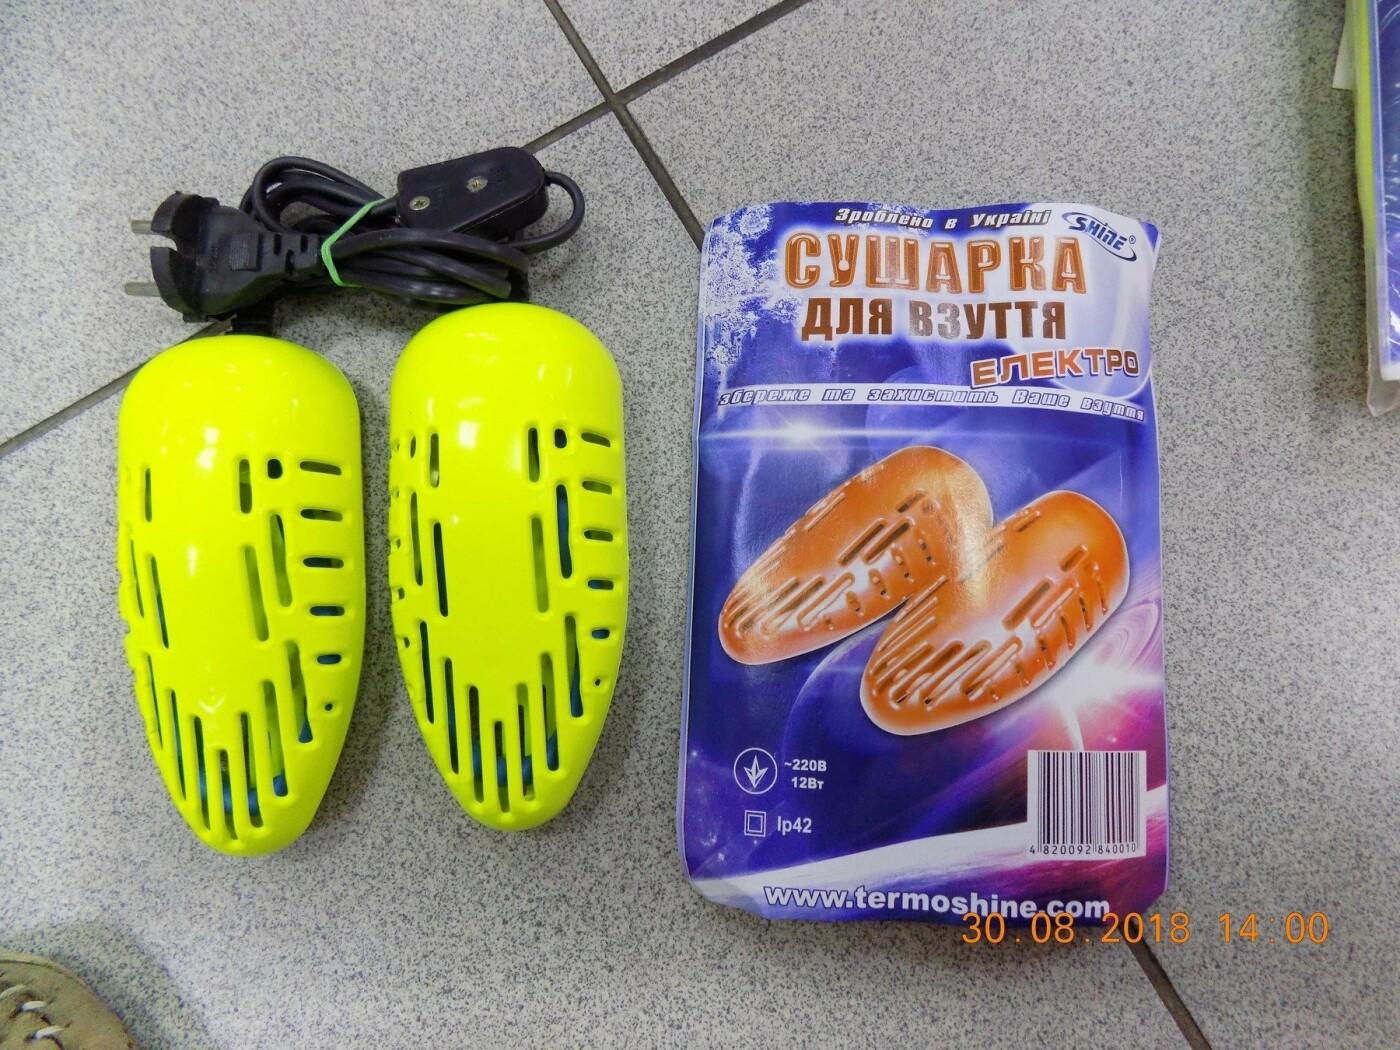 На Тернопільщині продаються сушарки для взуття, які становлять загрозу для життя та здоров'я (ФОТО), фото-1